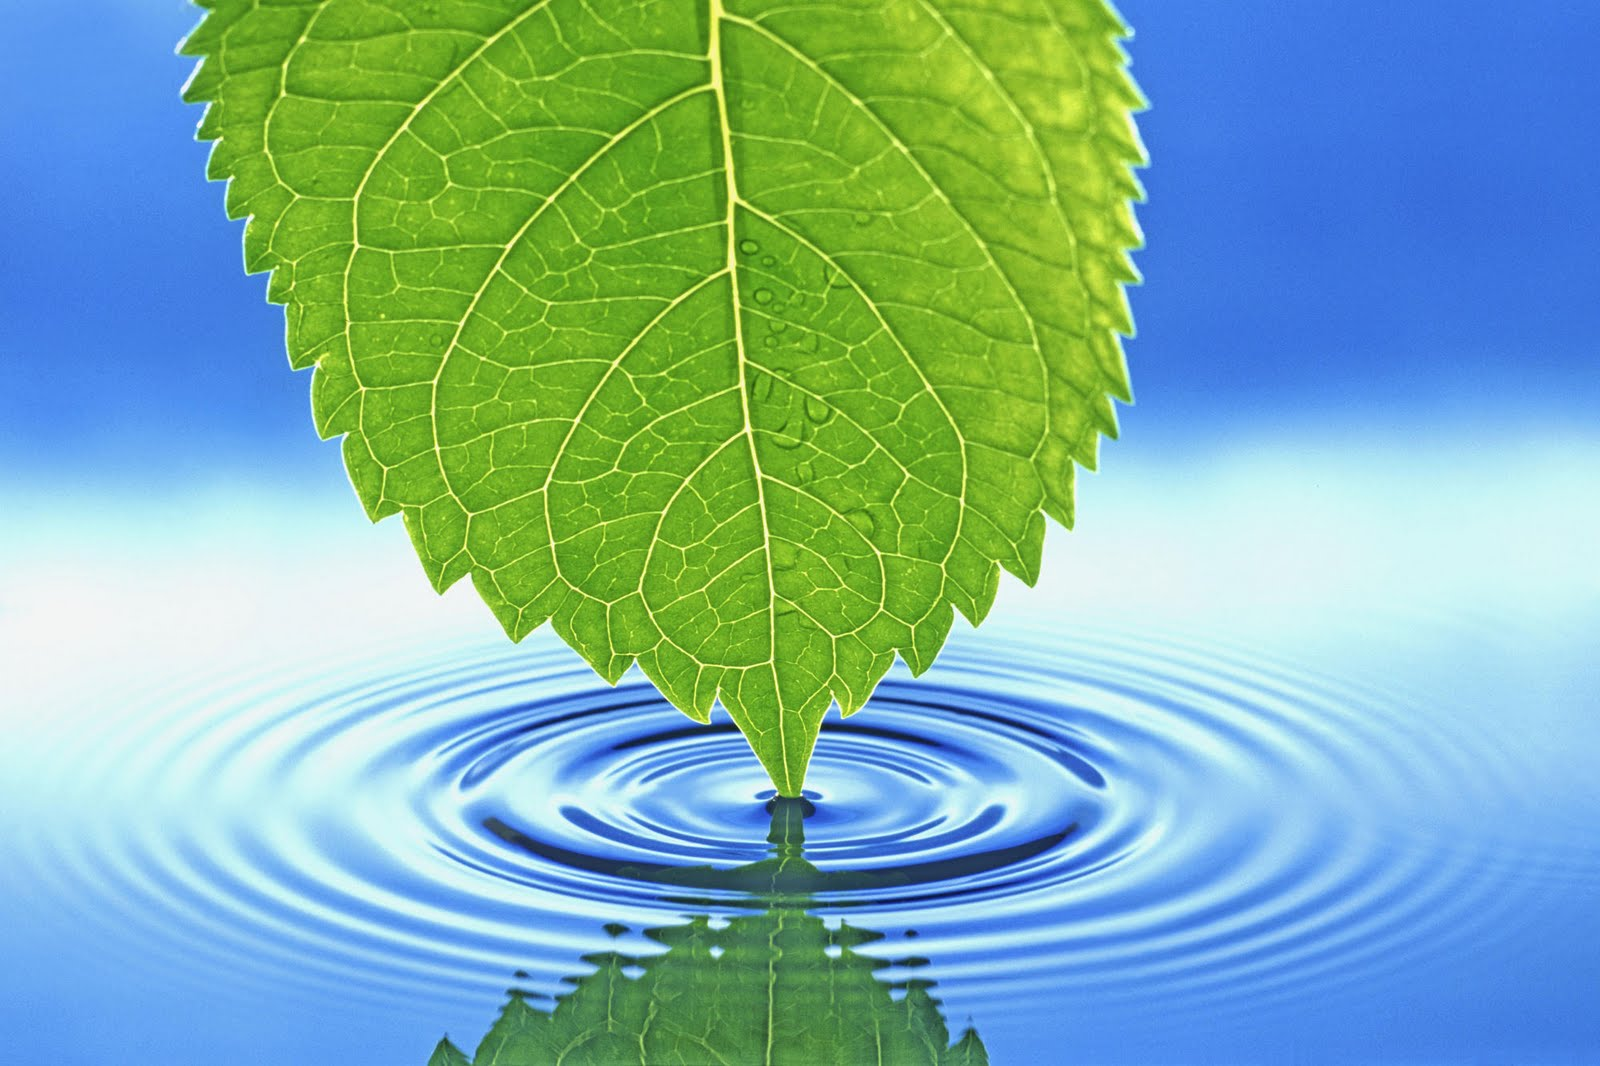 http://2.bp.blogspot.com/-du2LDKccK5M/UB0BxR2oSbI/AAAAAAAACHk/tIhQZAv2t2A/s1600/Nature+www.telugu-wallpaper.blogspot.com+(14).jpg